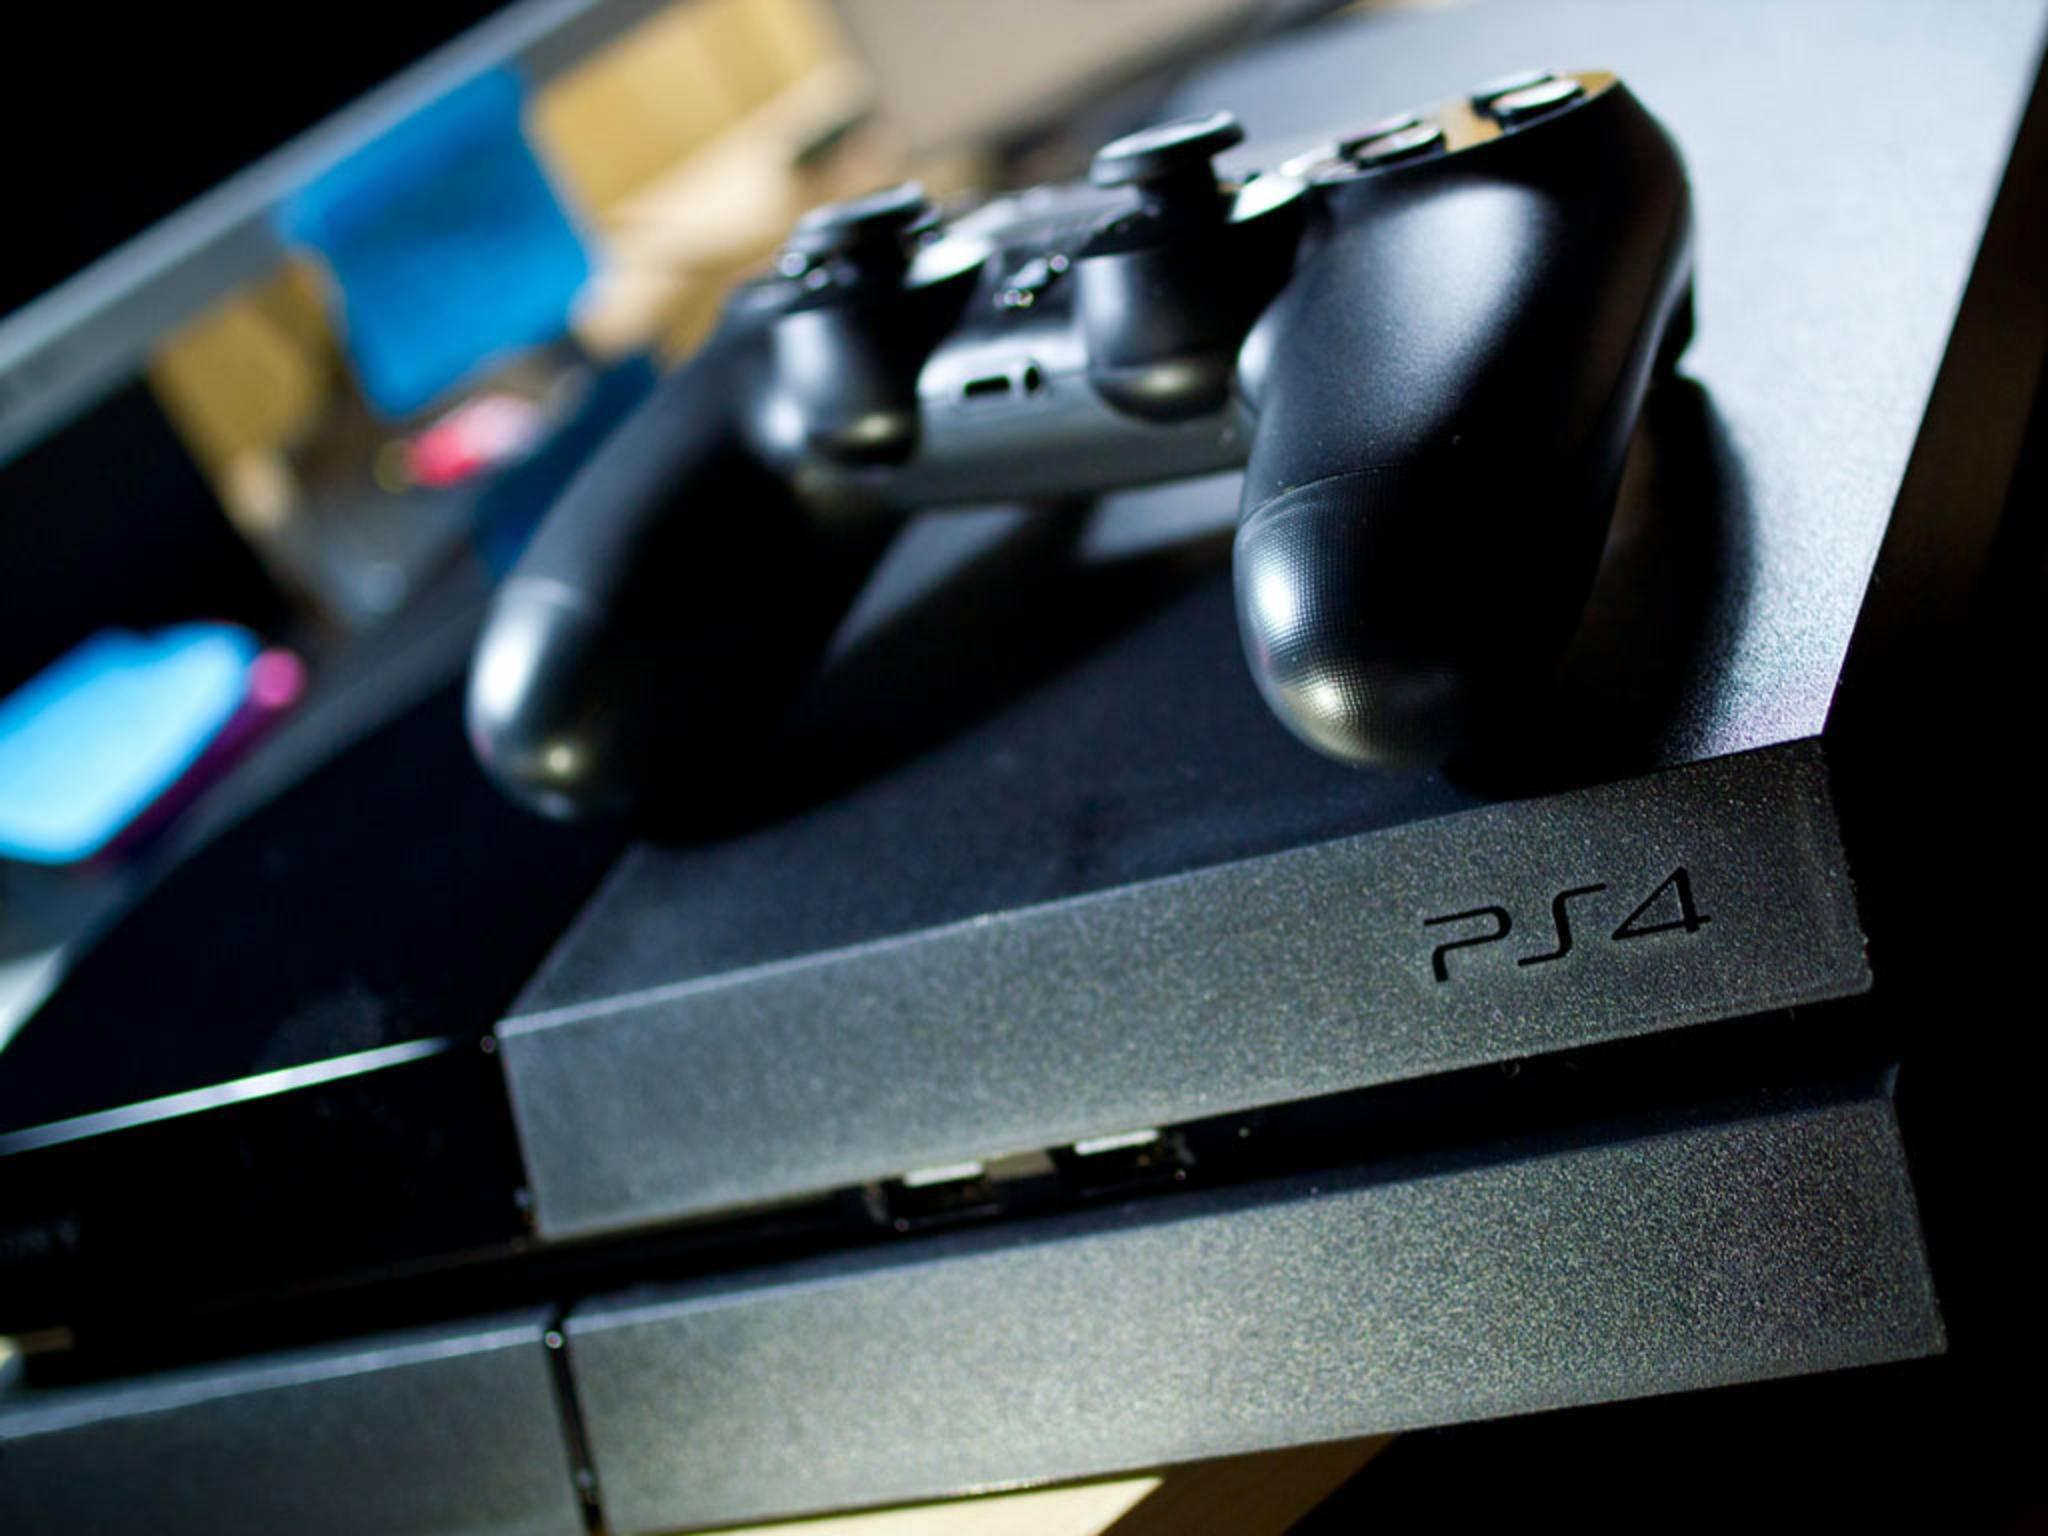 PS4, PlayStation 4